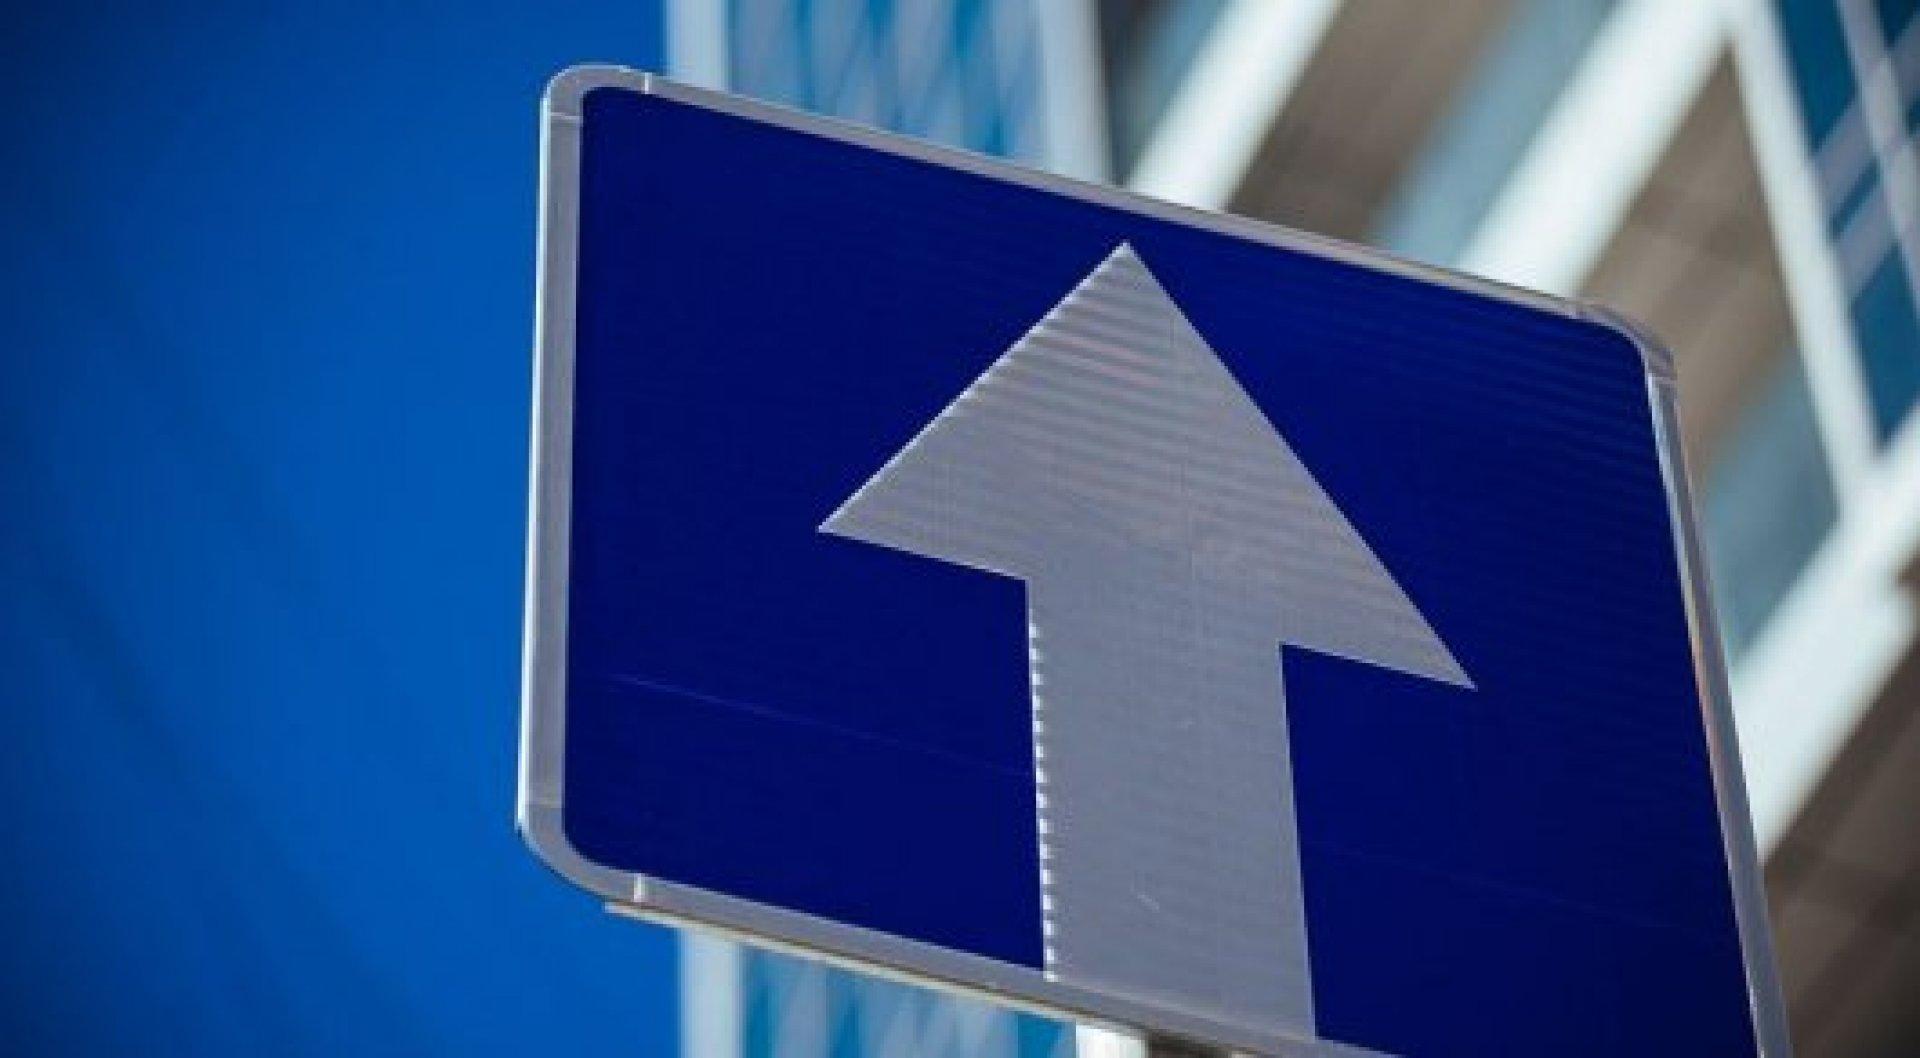 В Алматы ввели одностороннее движение еще на двух улицах